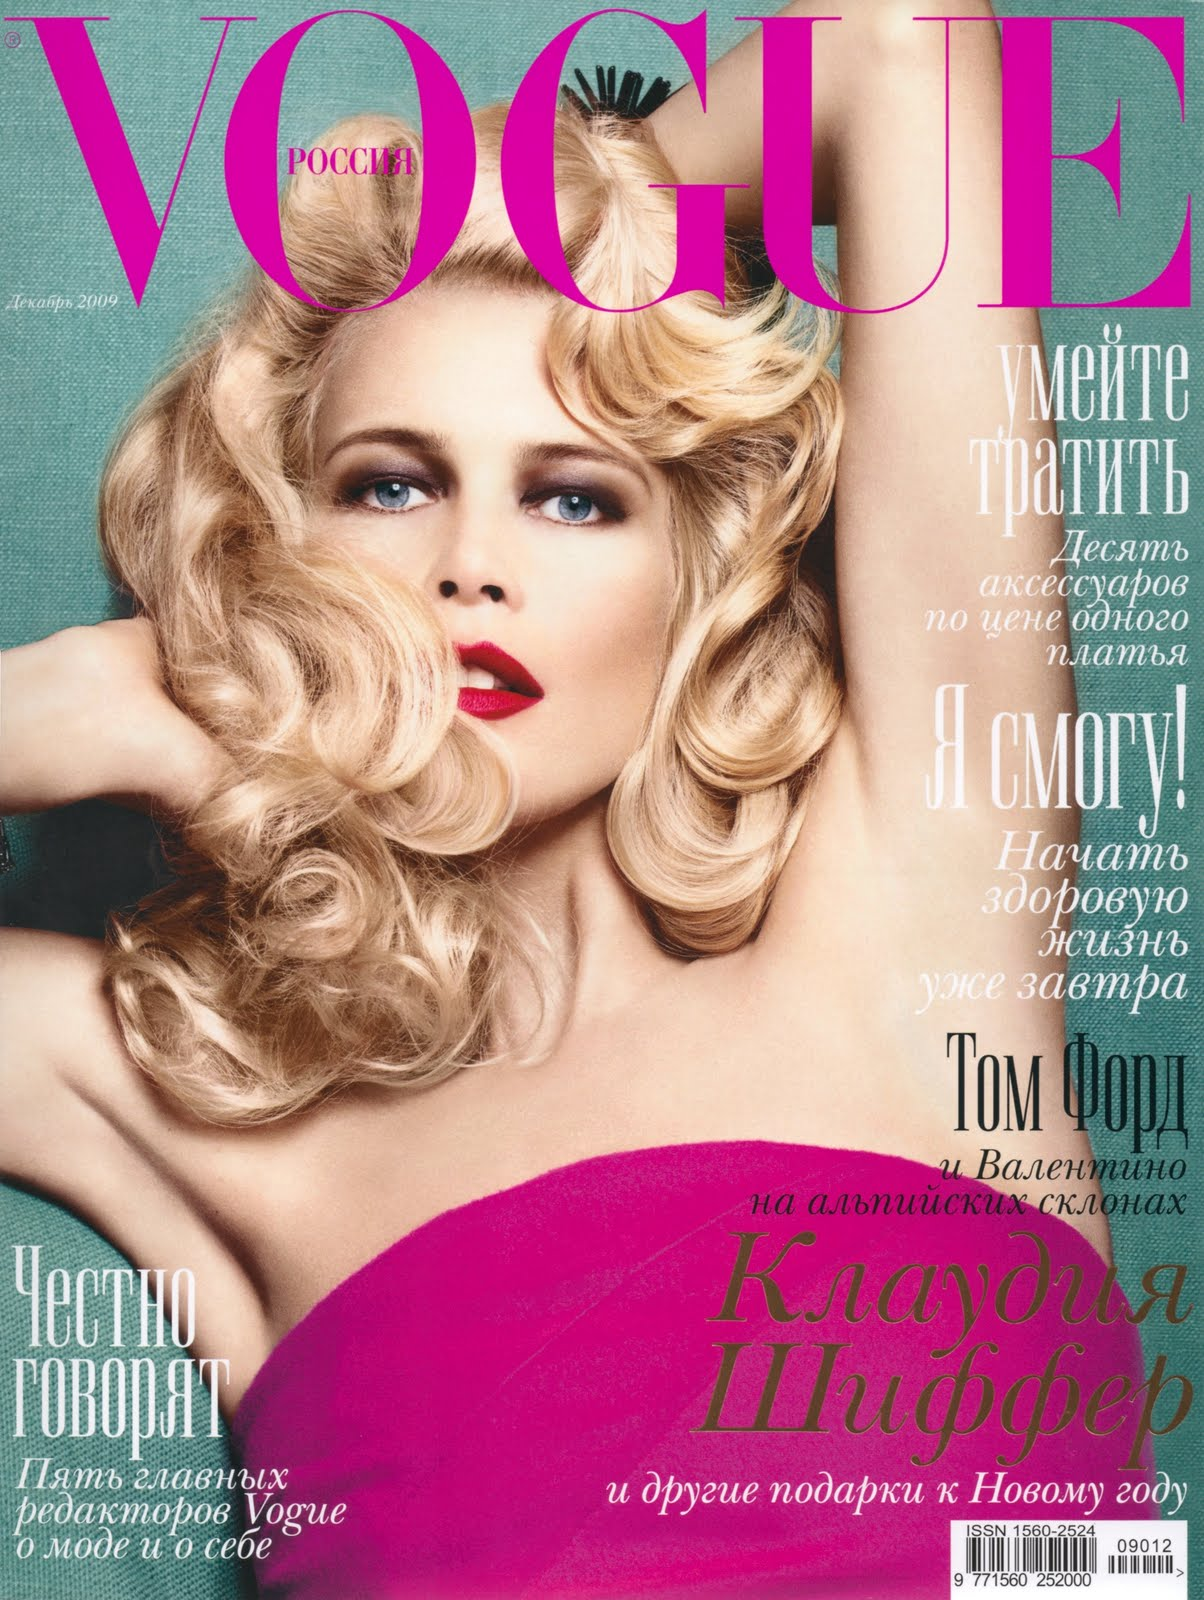 http://4.bp.blogspot.com/-f3oV0gz9v3Y/Tk07kyGXRmI/AAAAAAAAANQ/RMebM07H8fc/s1600/Vogue_Russia_HQ.jpg